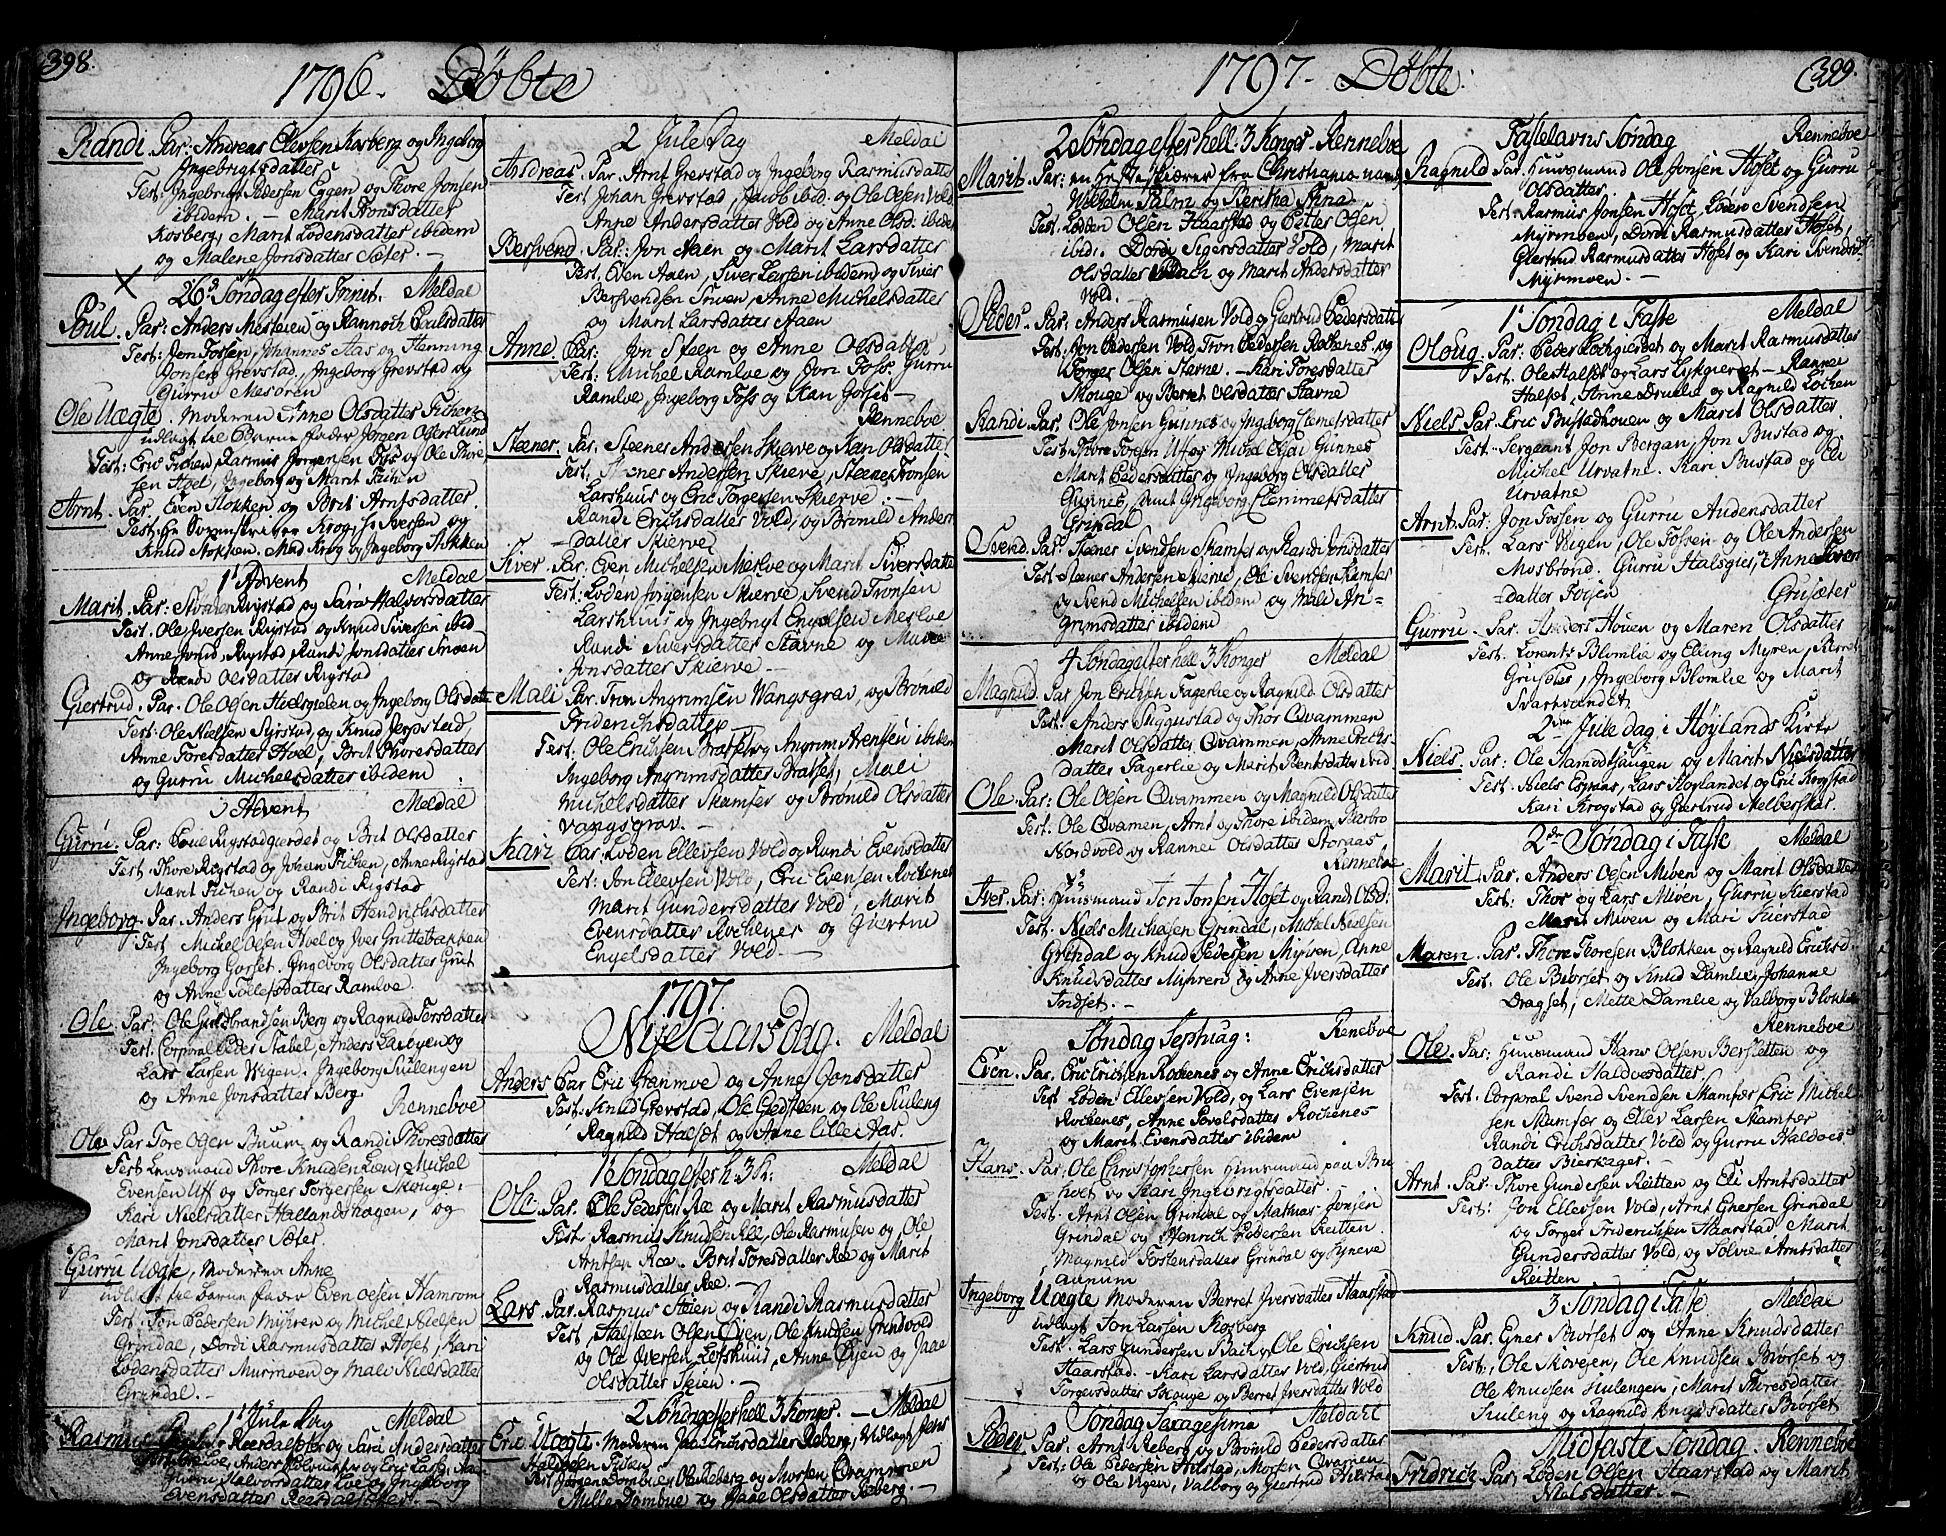 SAT, Ministerialprotokoller, klokkerbøker og fødselsregistre - Sør-Trøndelag, 672/L0852: Ministerialbok nr. 672A05, 1776-1815, s. 398-399